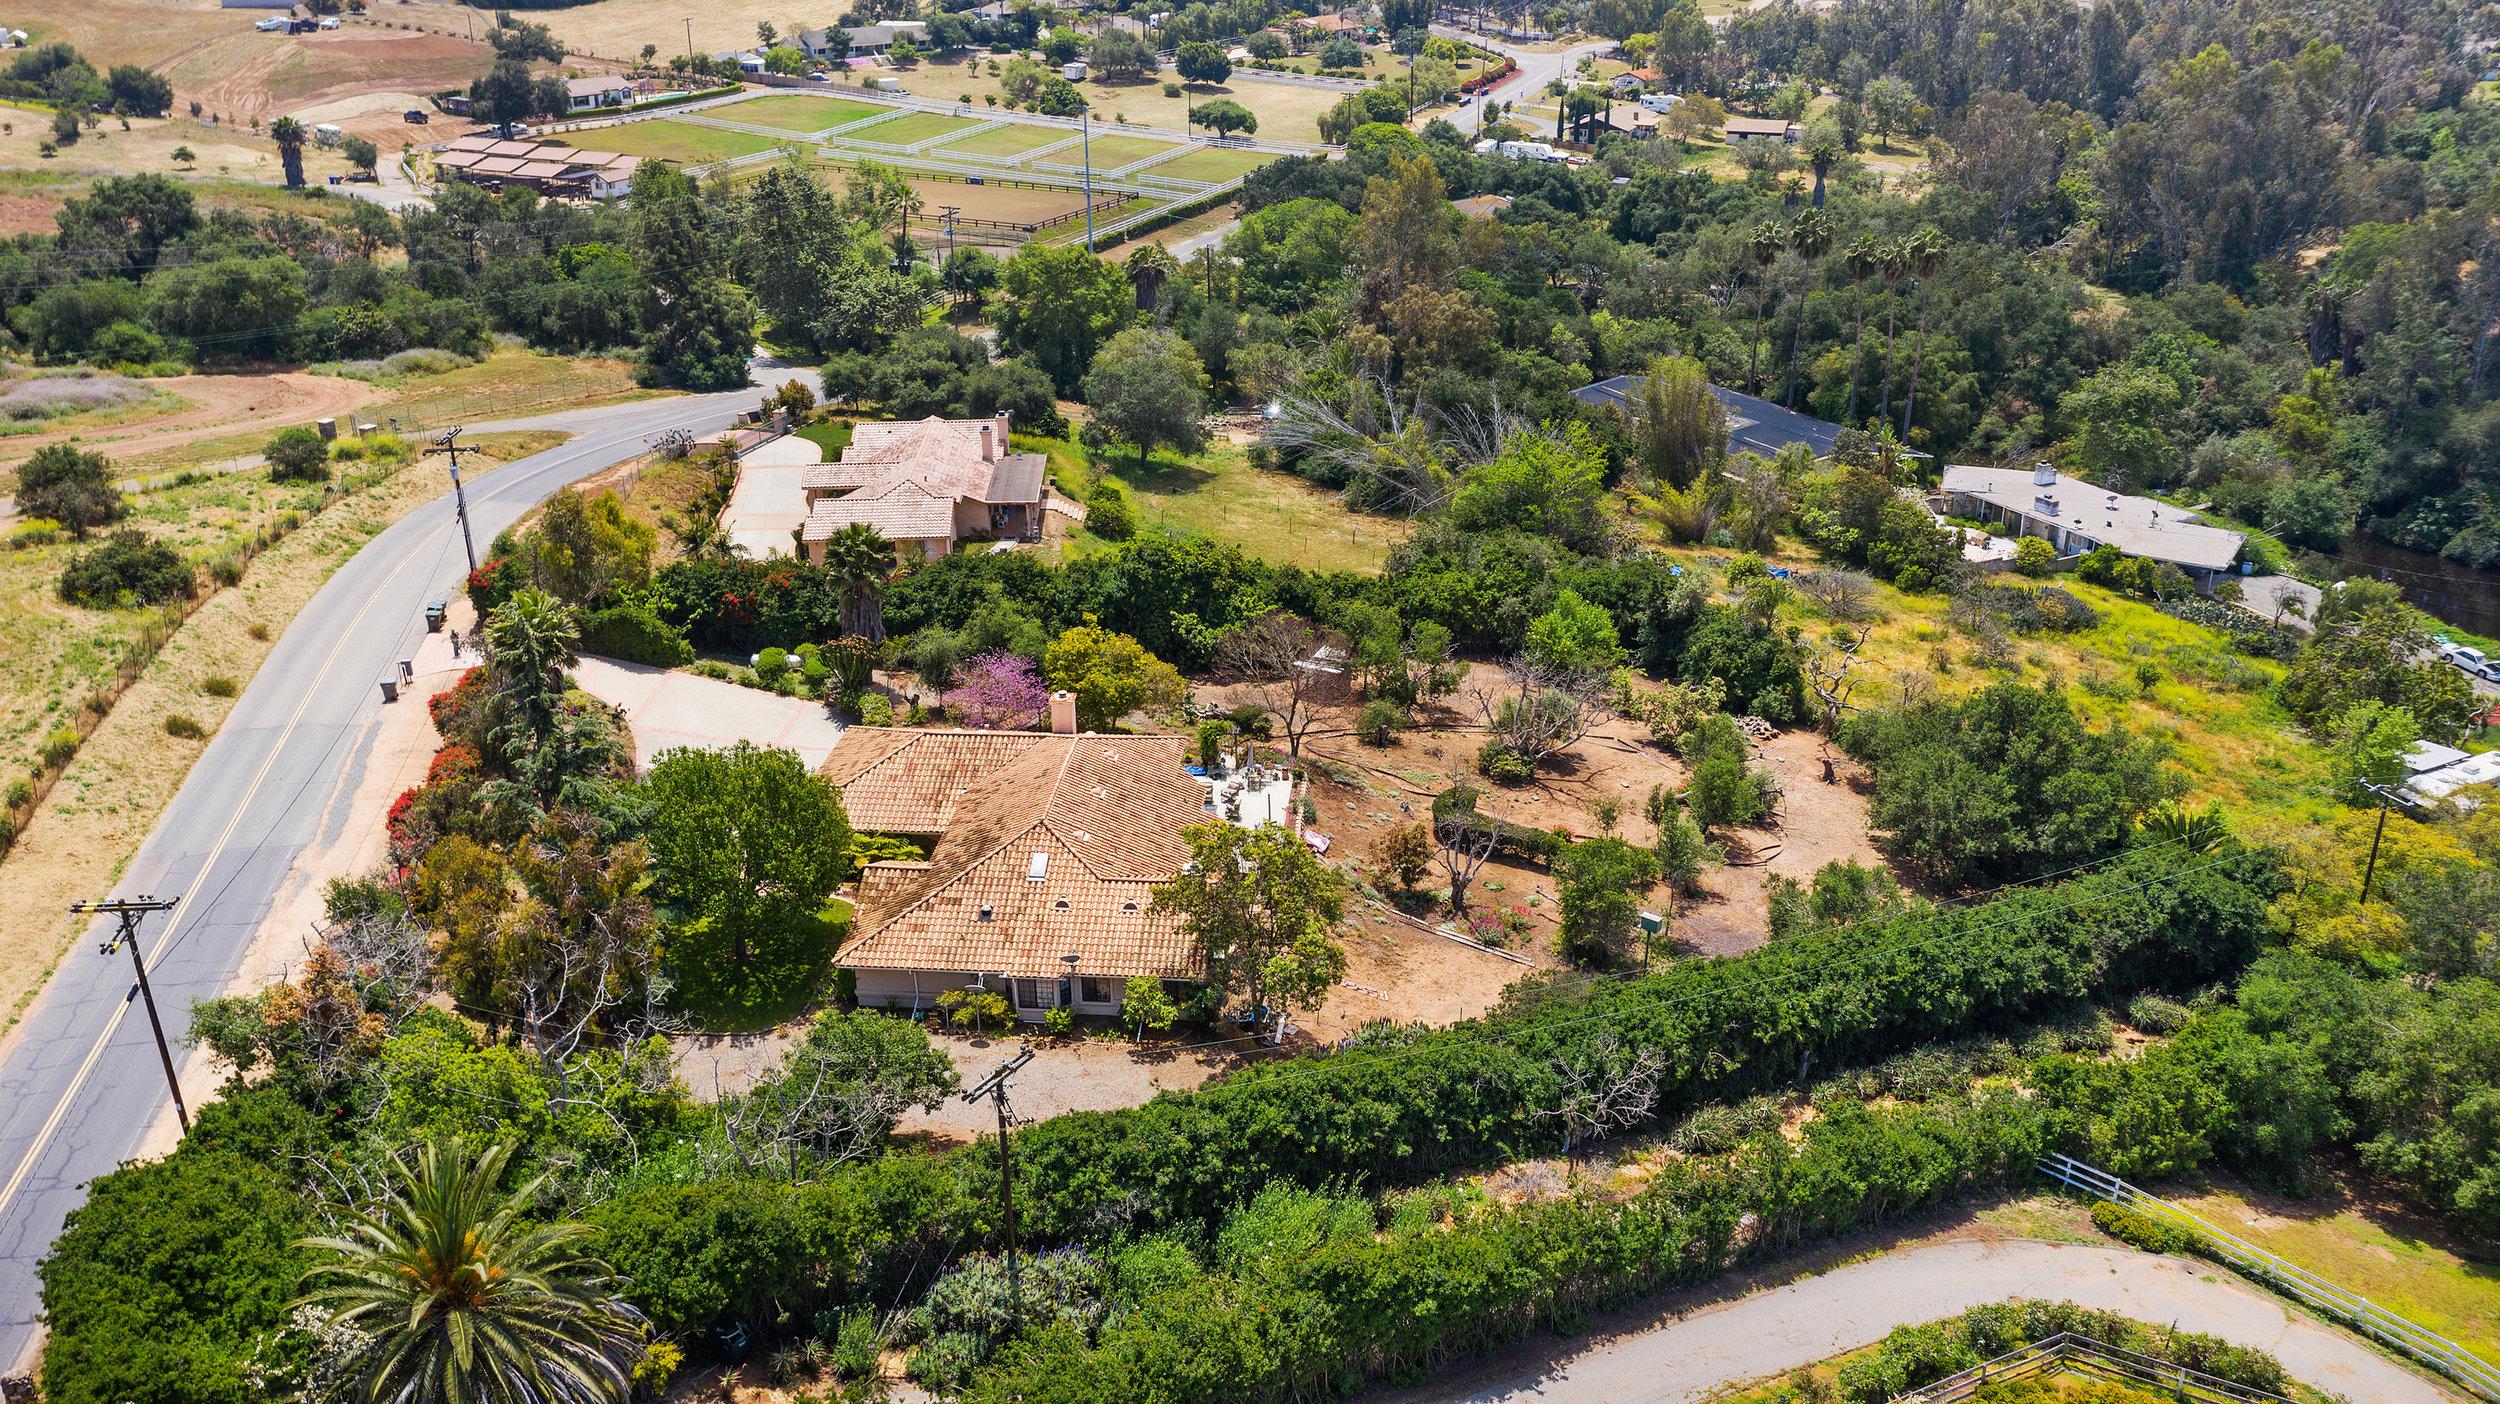 042_Aerial Side View.jpg